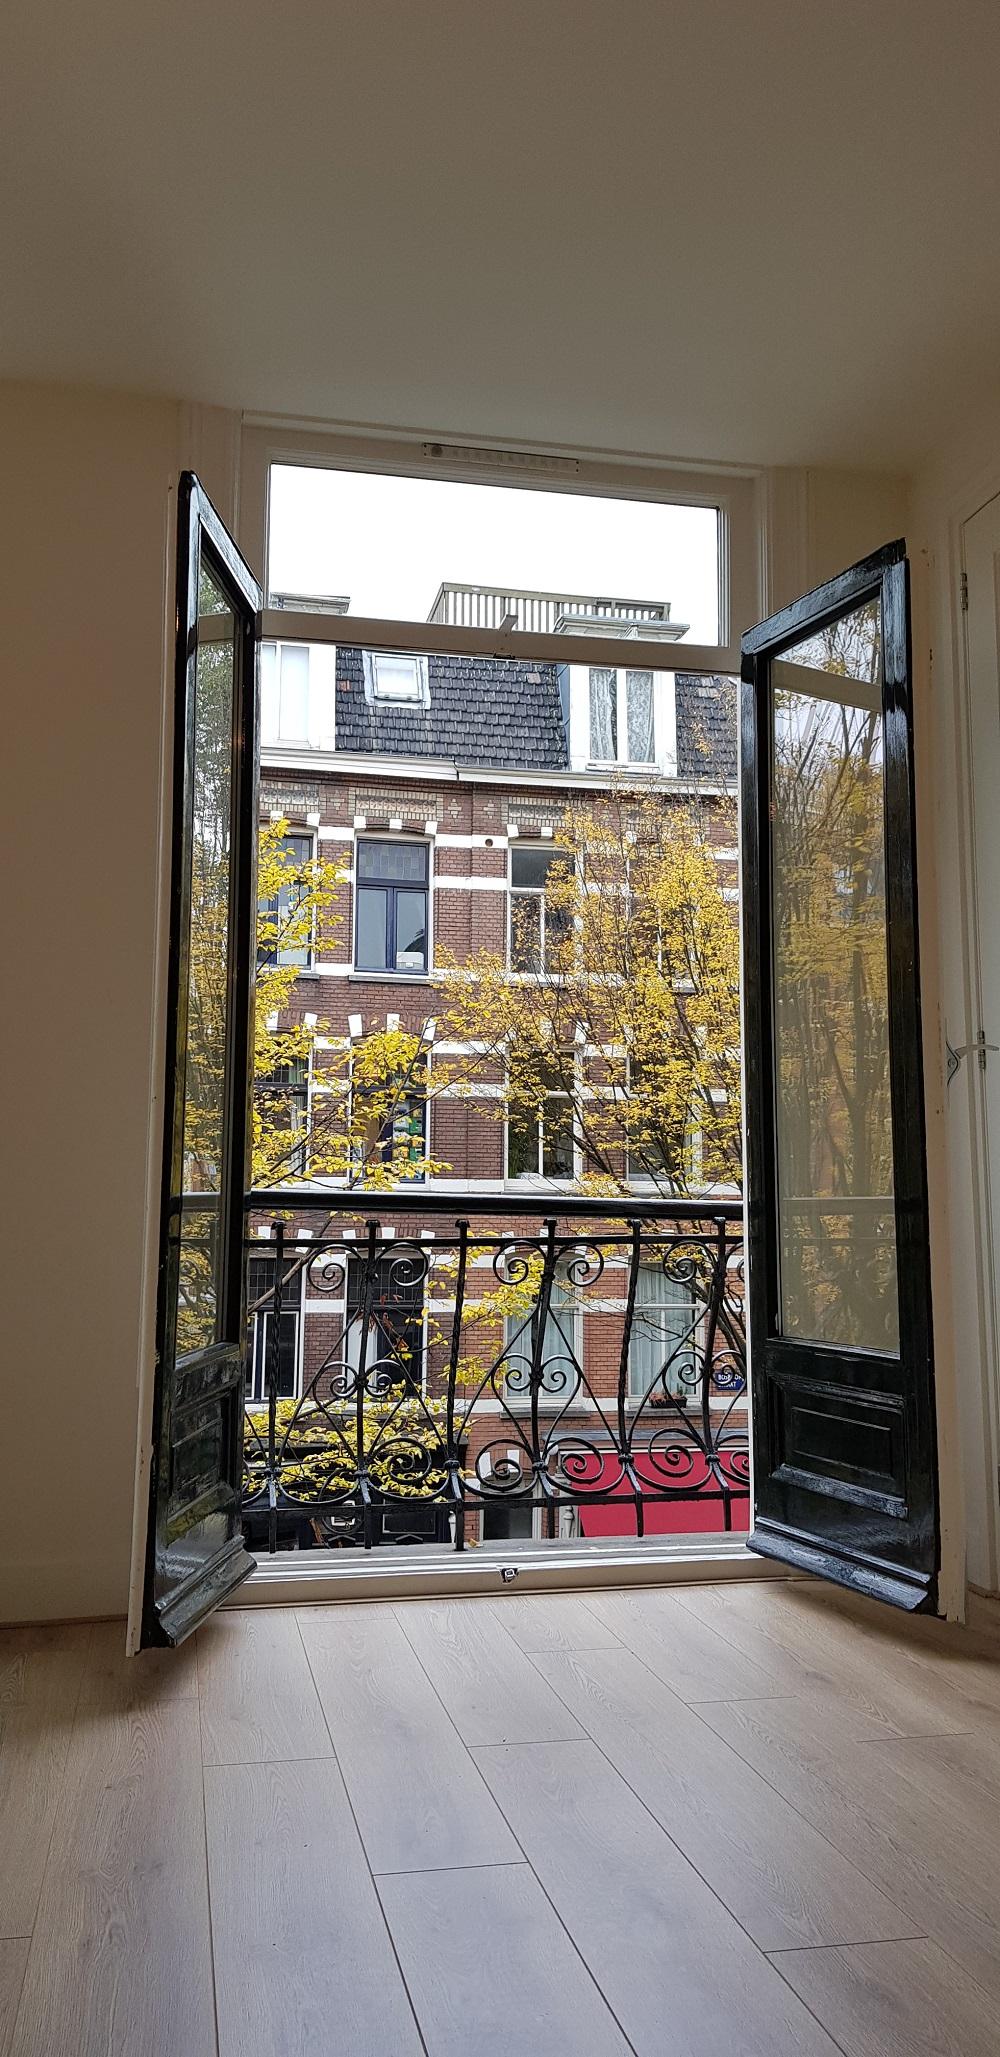 UFA Bouw_Verbouwing_Bosboom Toussaintstraat 31_Frans balkon openslaande deuren